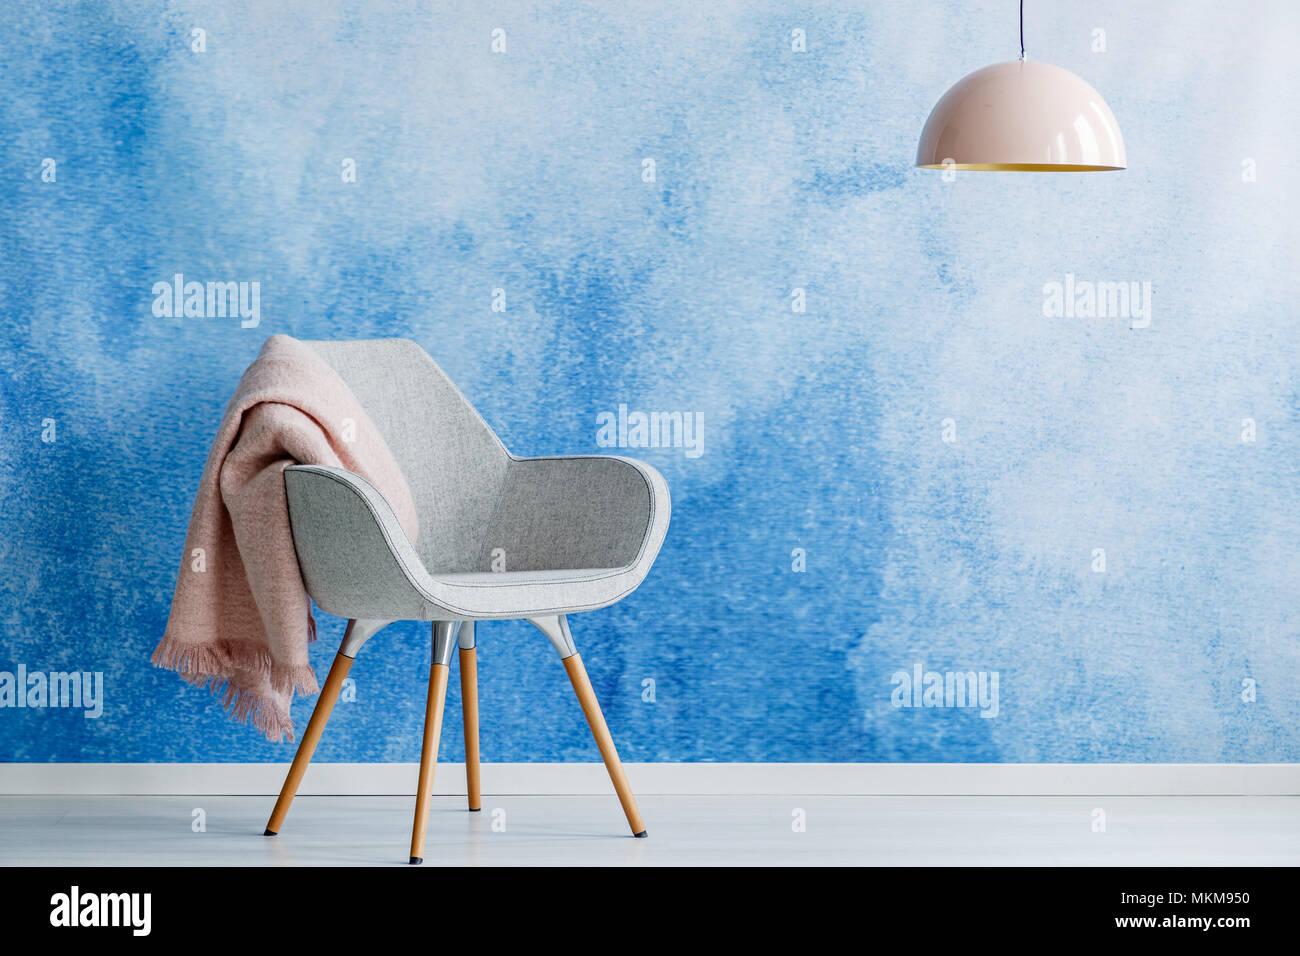 Rosa Decke auf grauen Sessel gegen blaue Wand in den leeren Wohnzimmer Innenraum mit Lampe und Kopie Raum Stockfoto